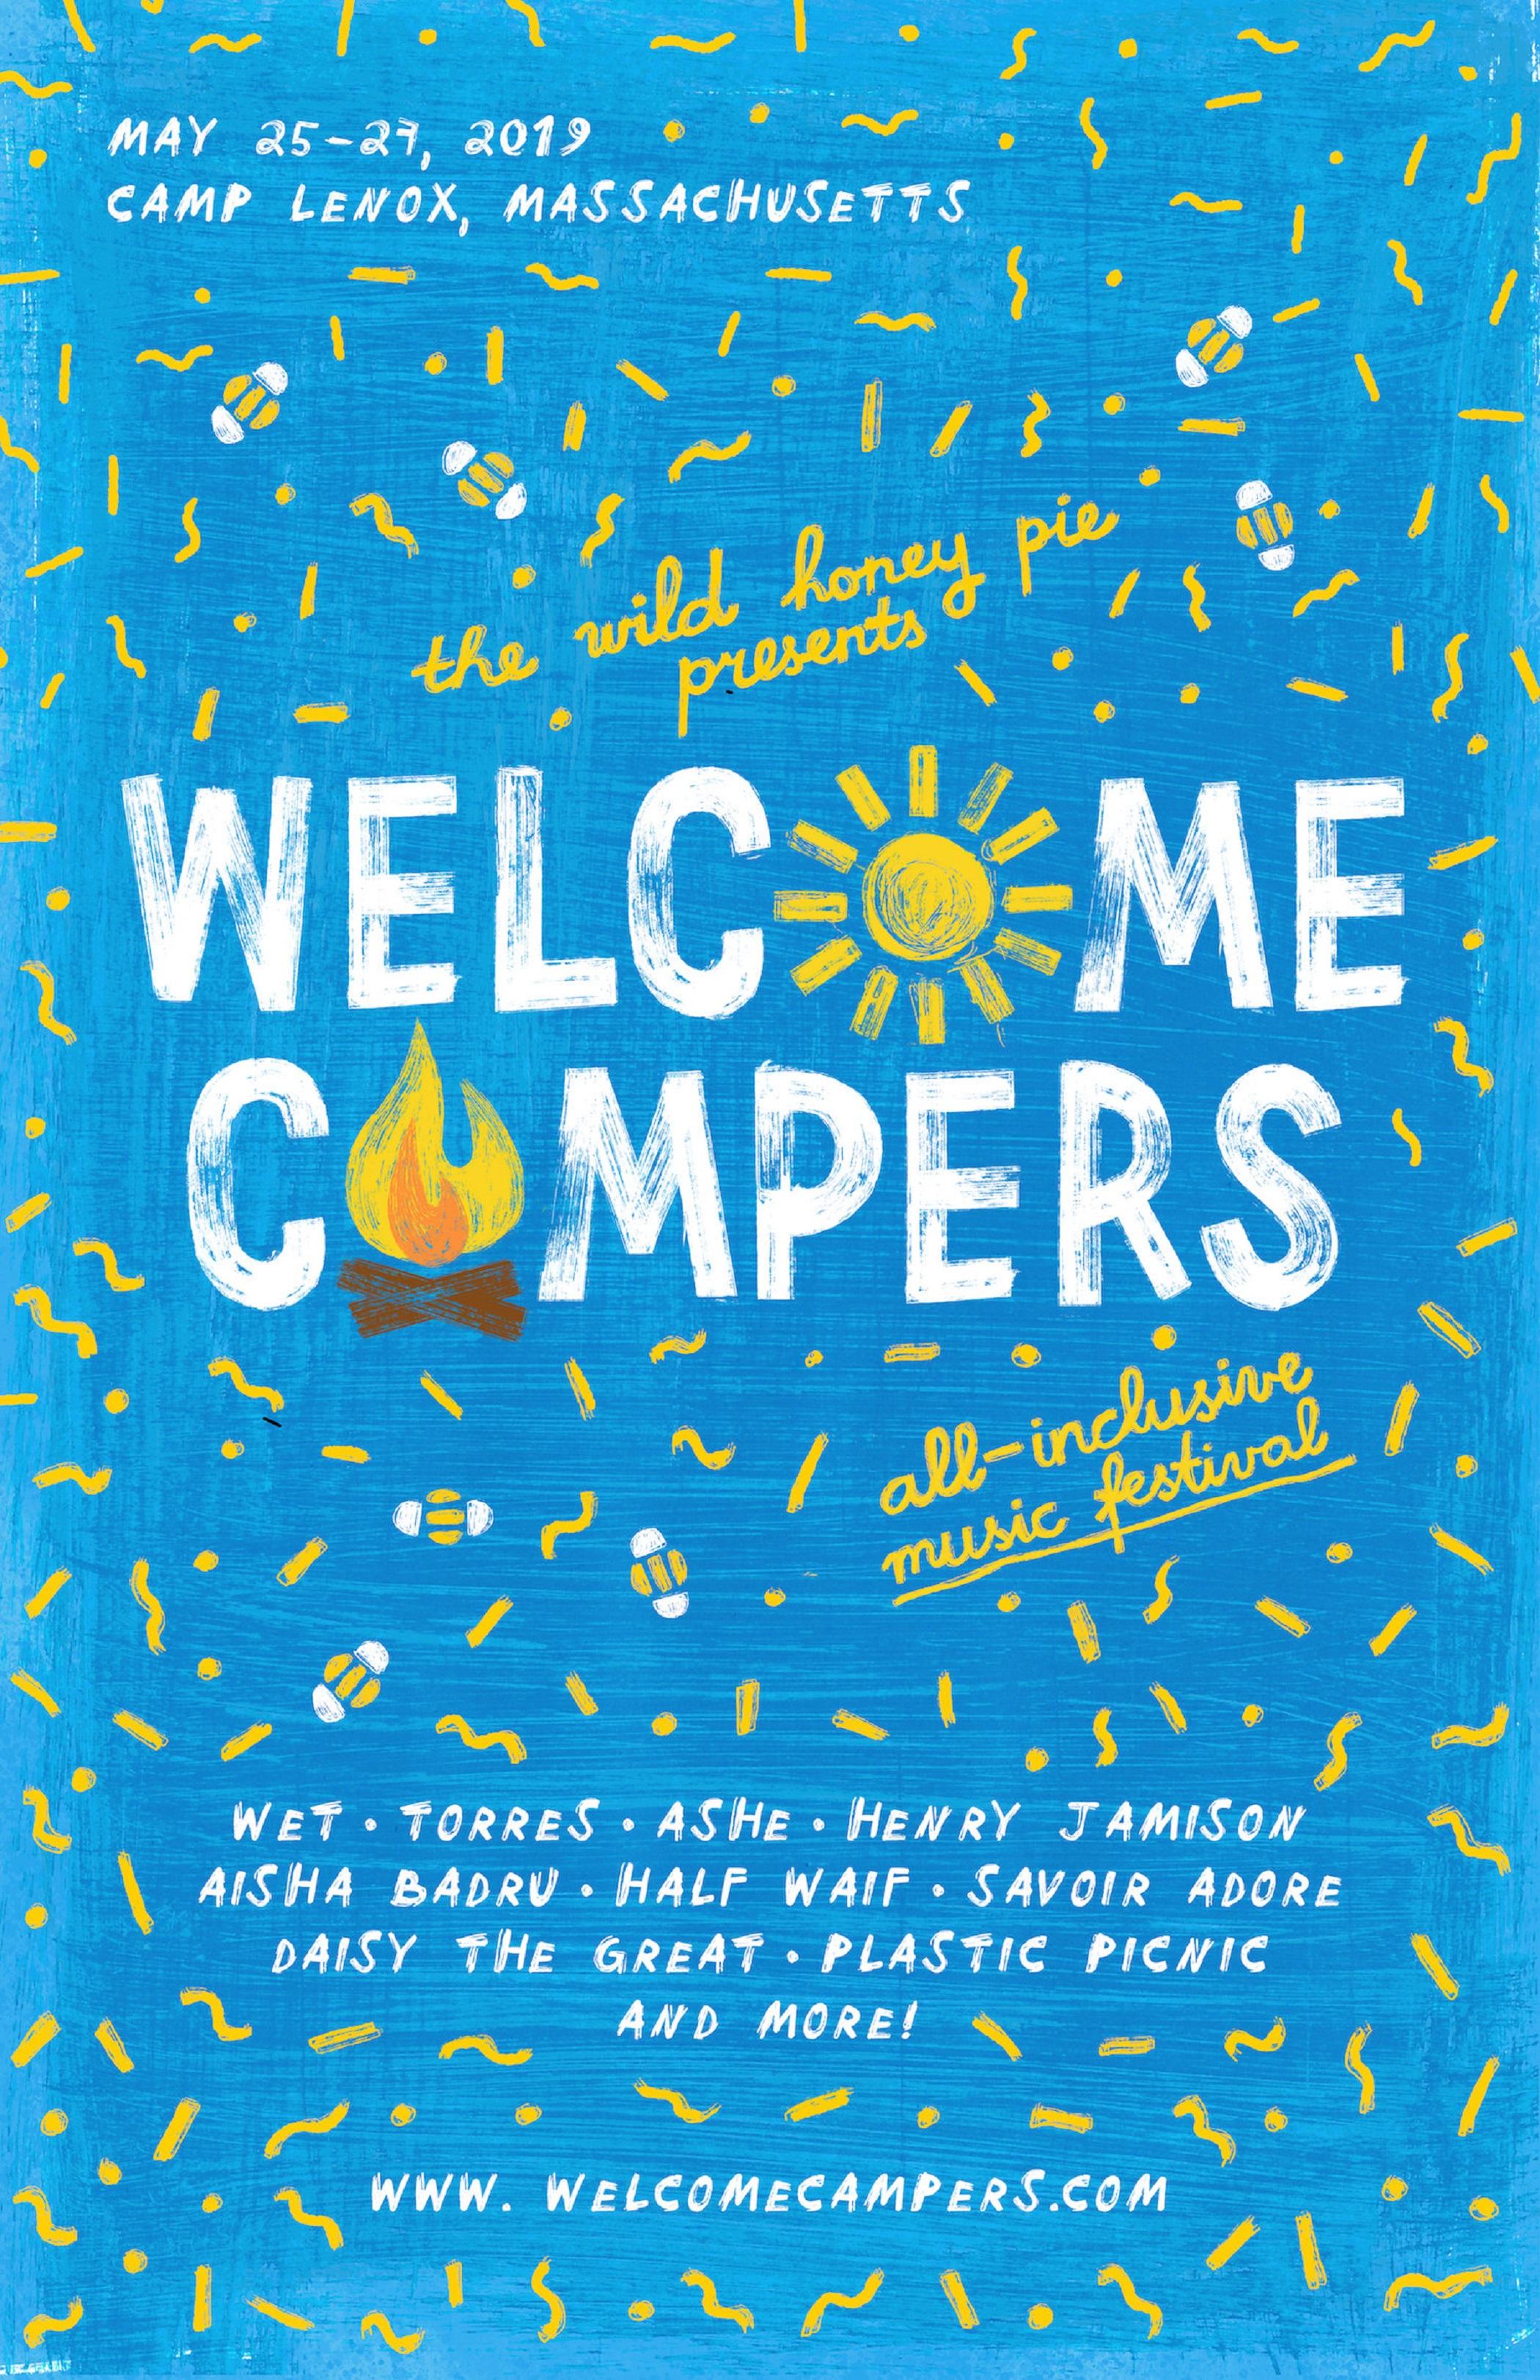 welcomecampers2019.jpg